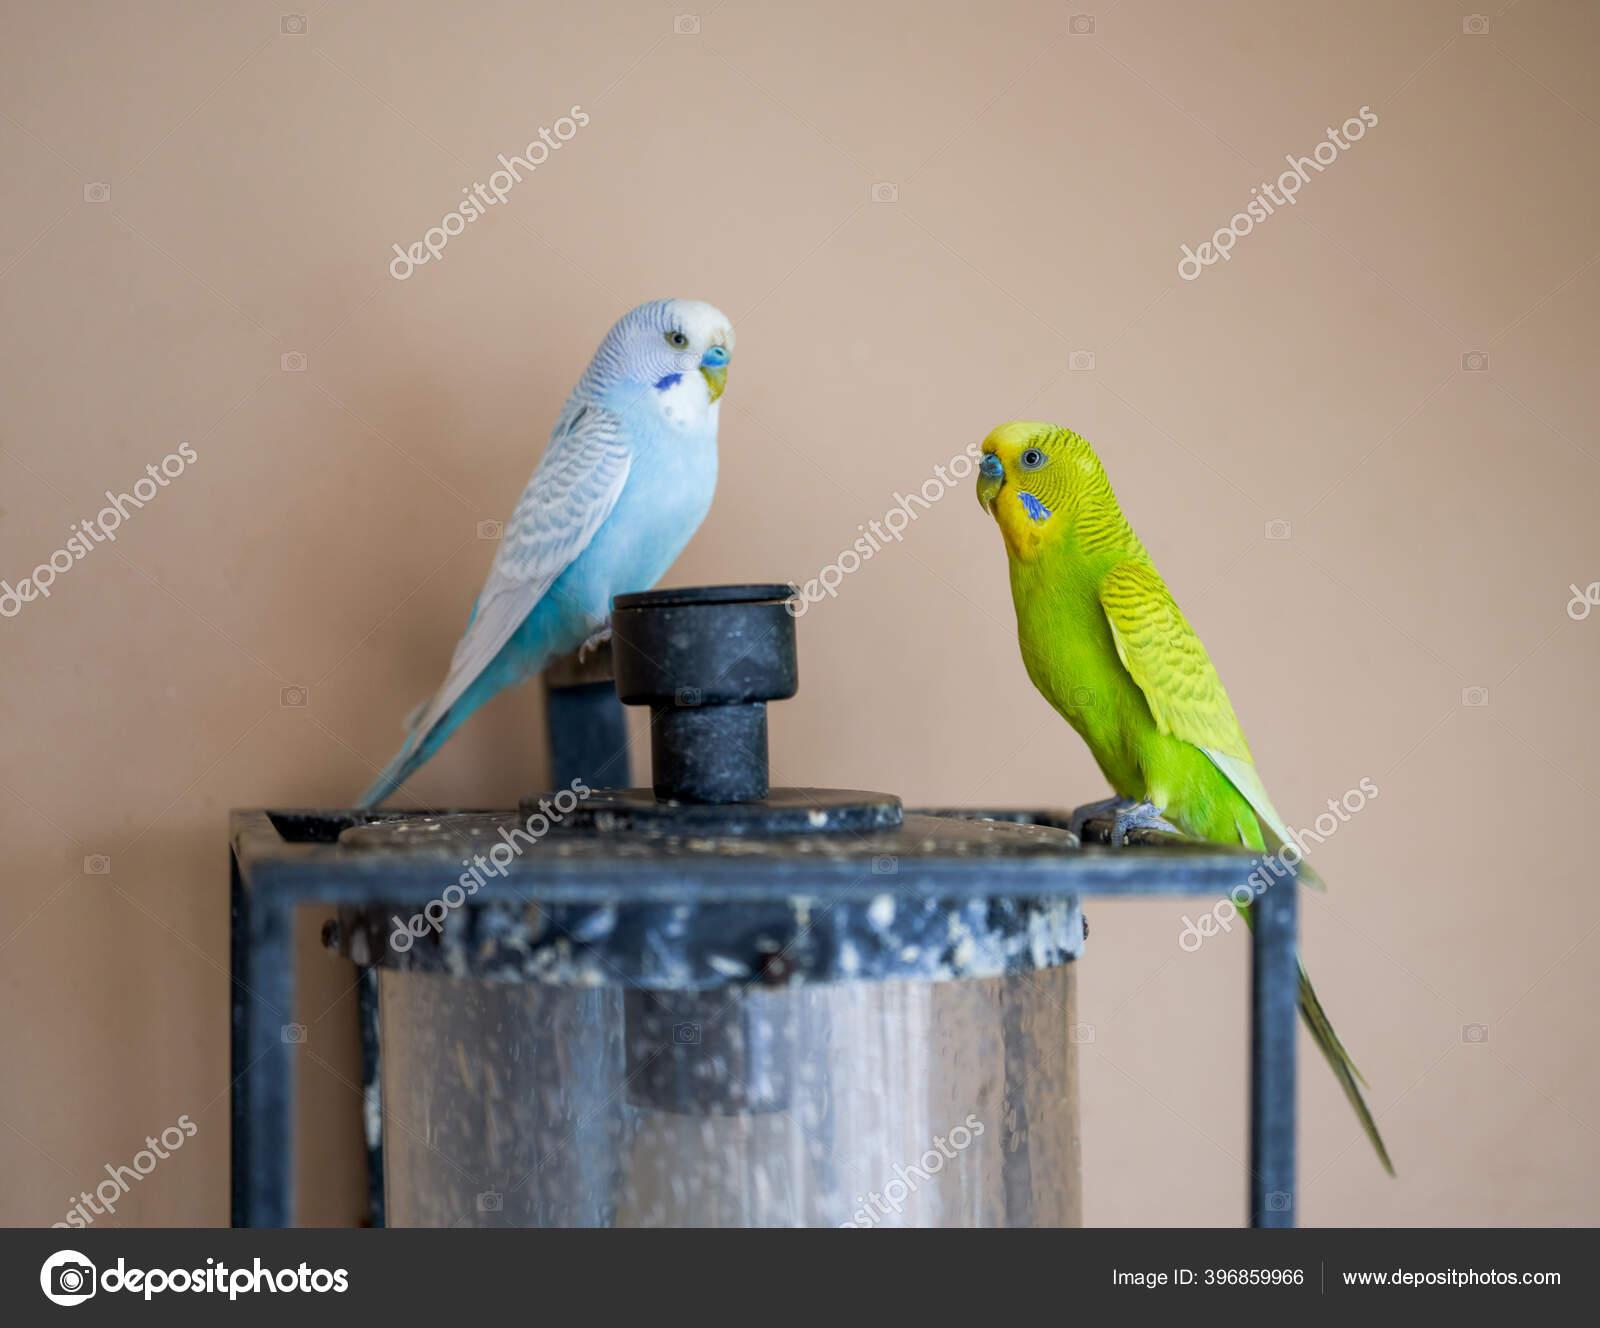 Two Cute Pet Parrots Yellow Green Parrot Blue White Parrot Stock Photo C Hitecherz 396859966